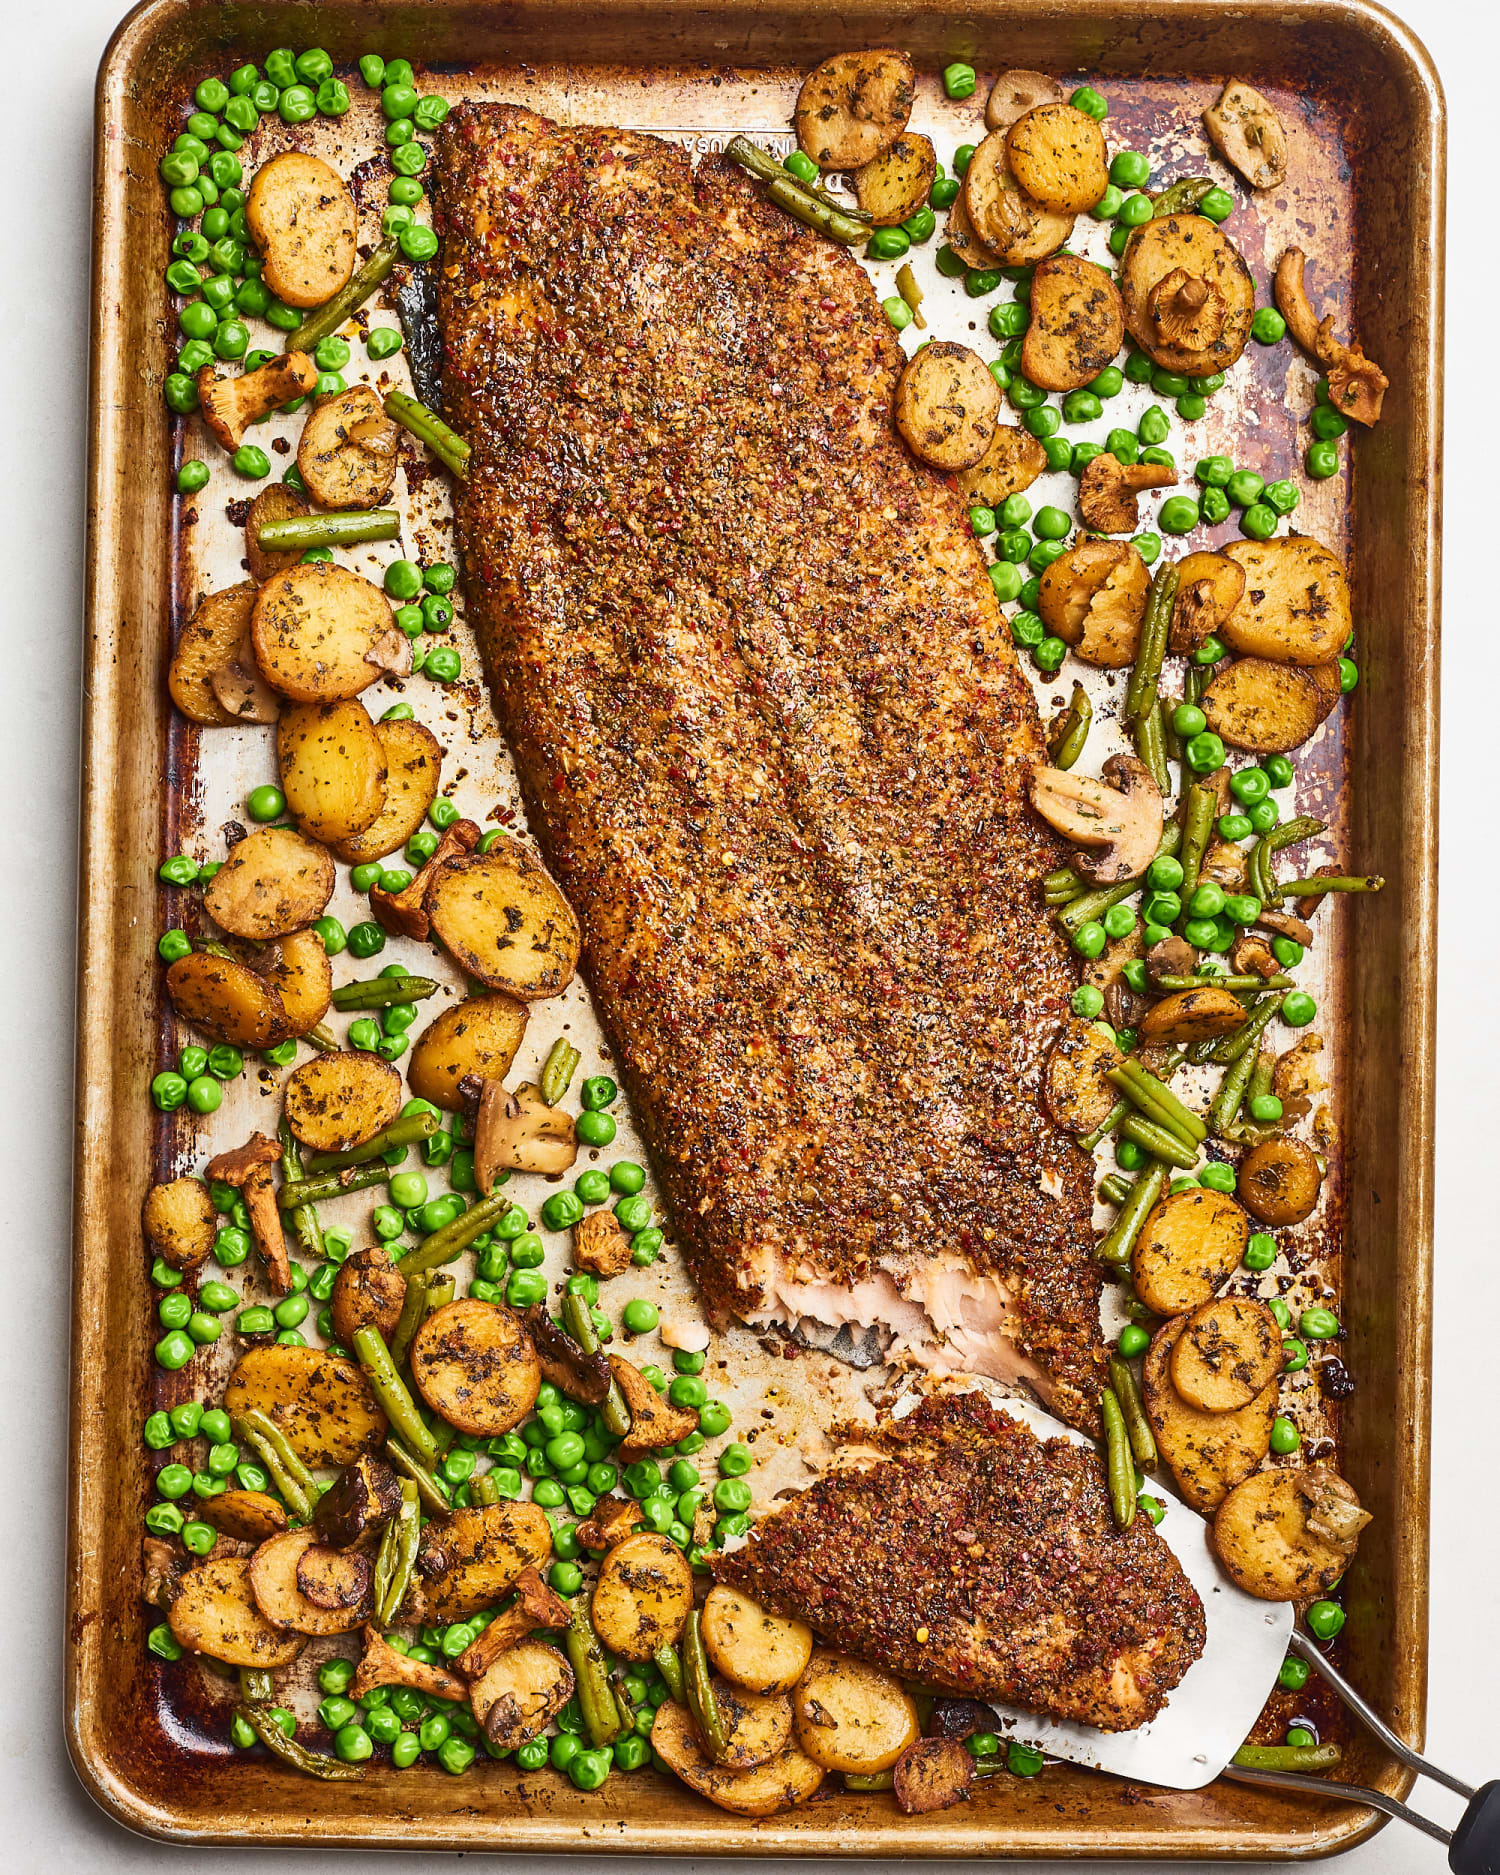 Recipe: Trader Joe's Sheet Pan Crispy Salmon & Veggies